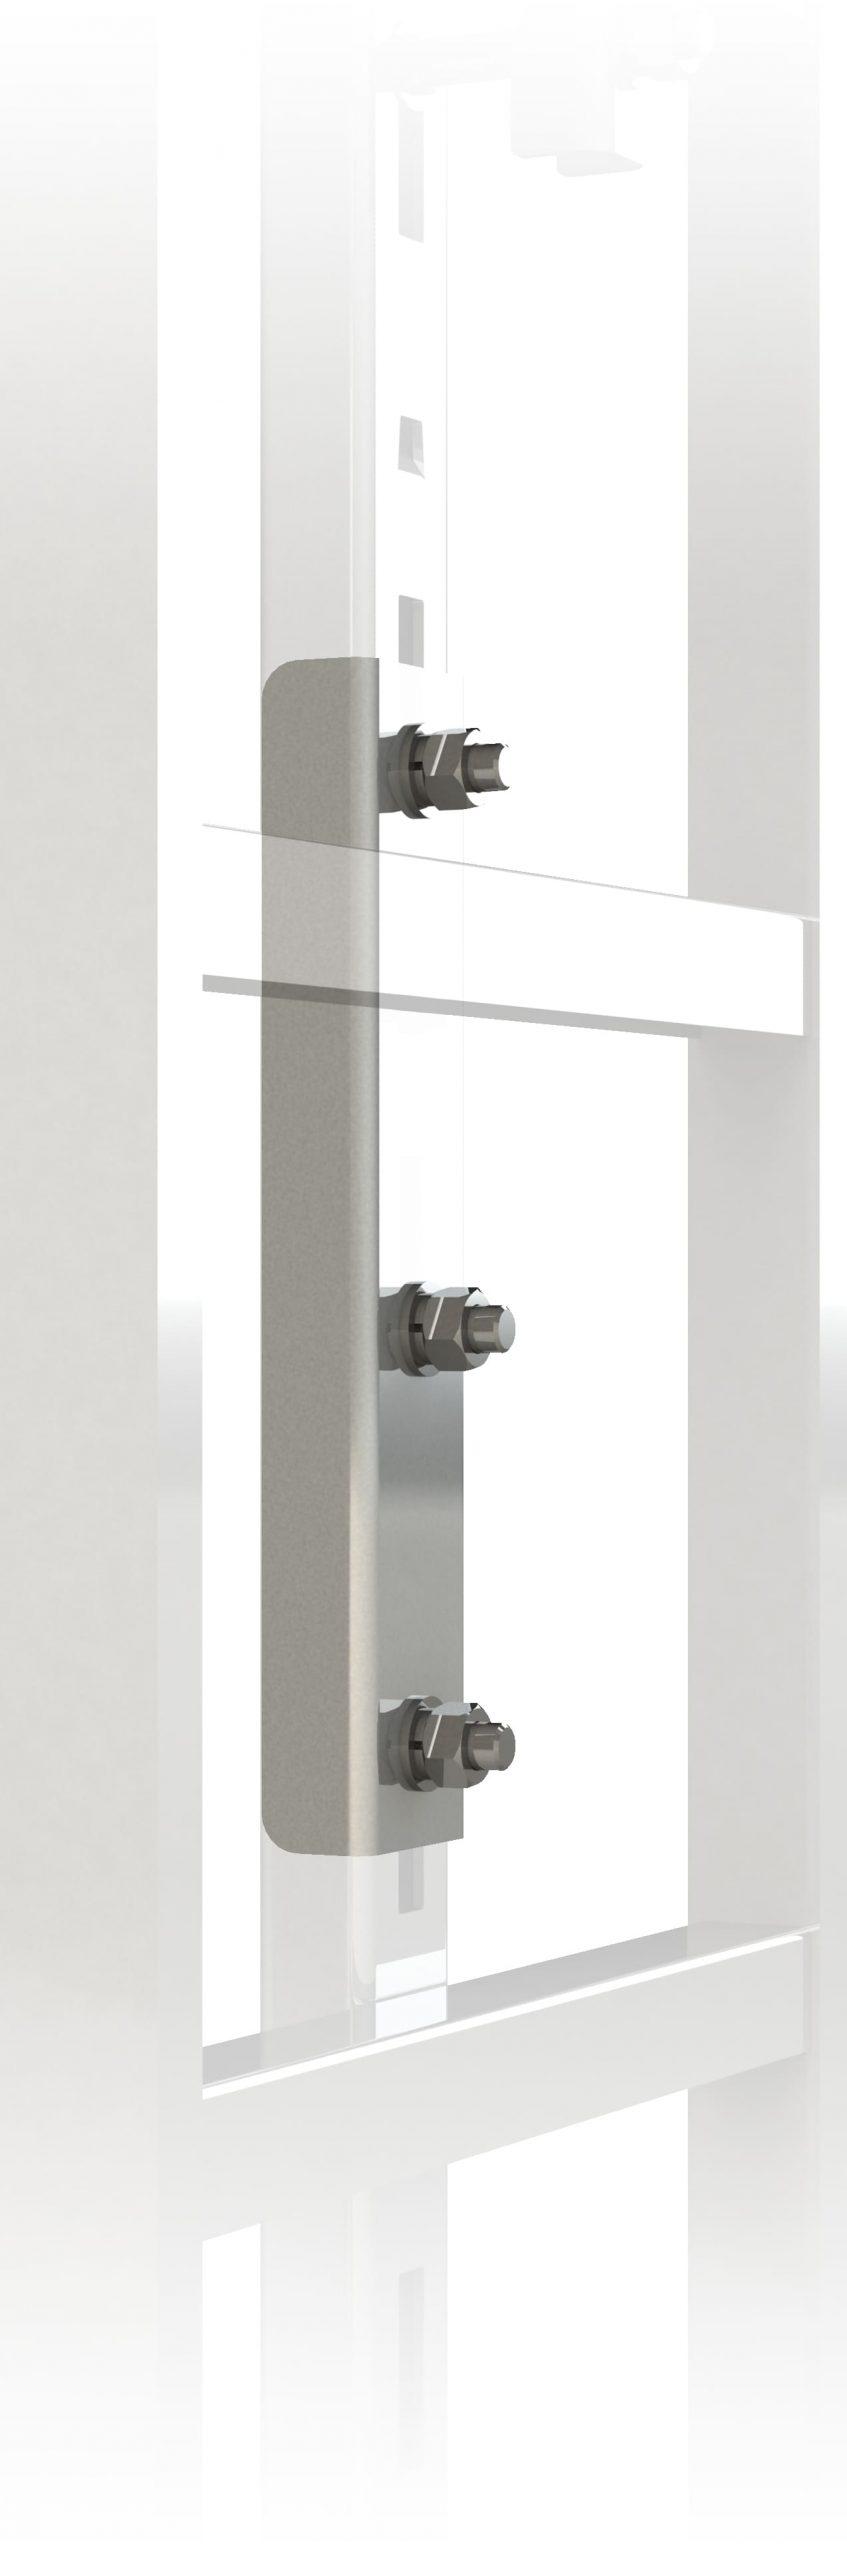 60-535 Spojovací diel pre kolajnice na rebríky